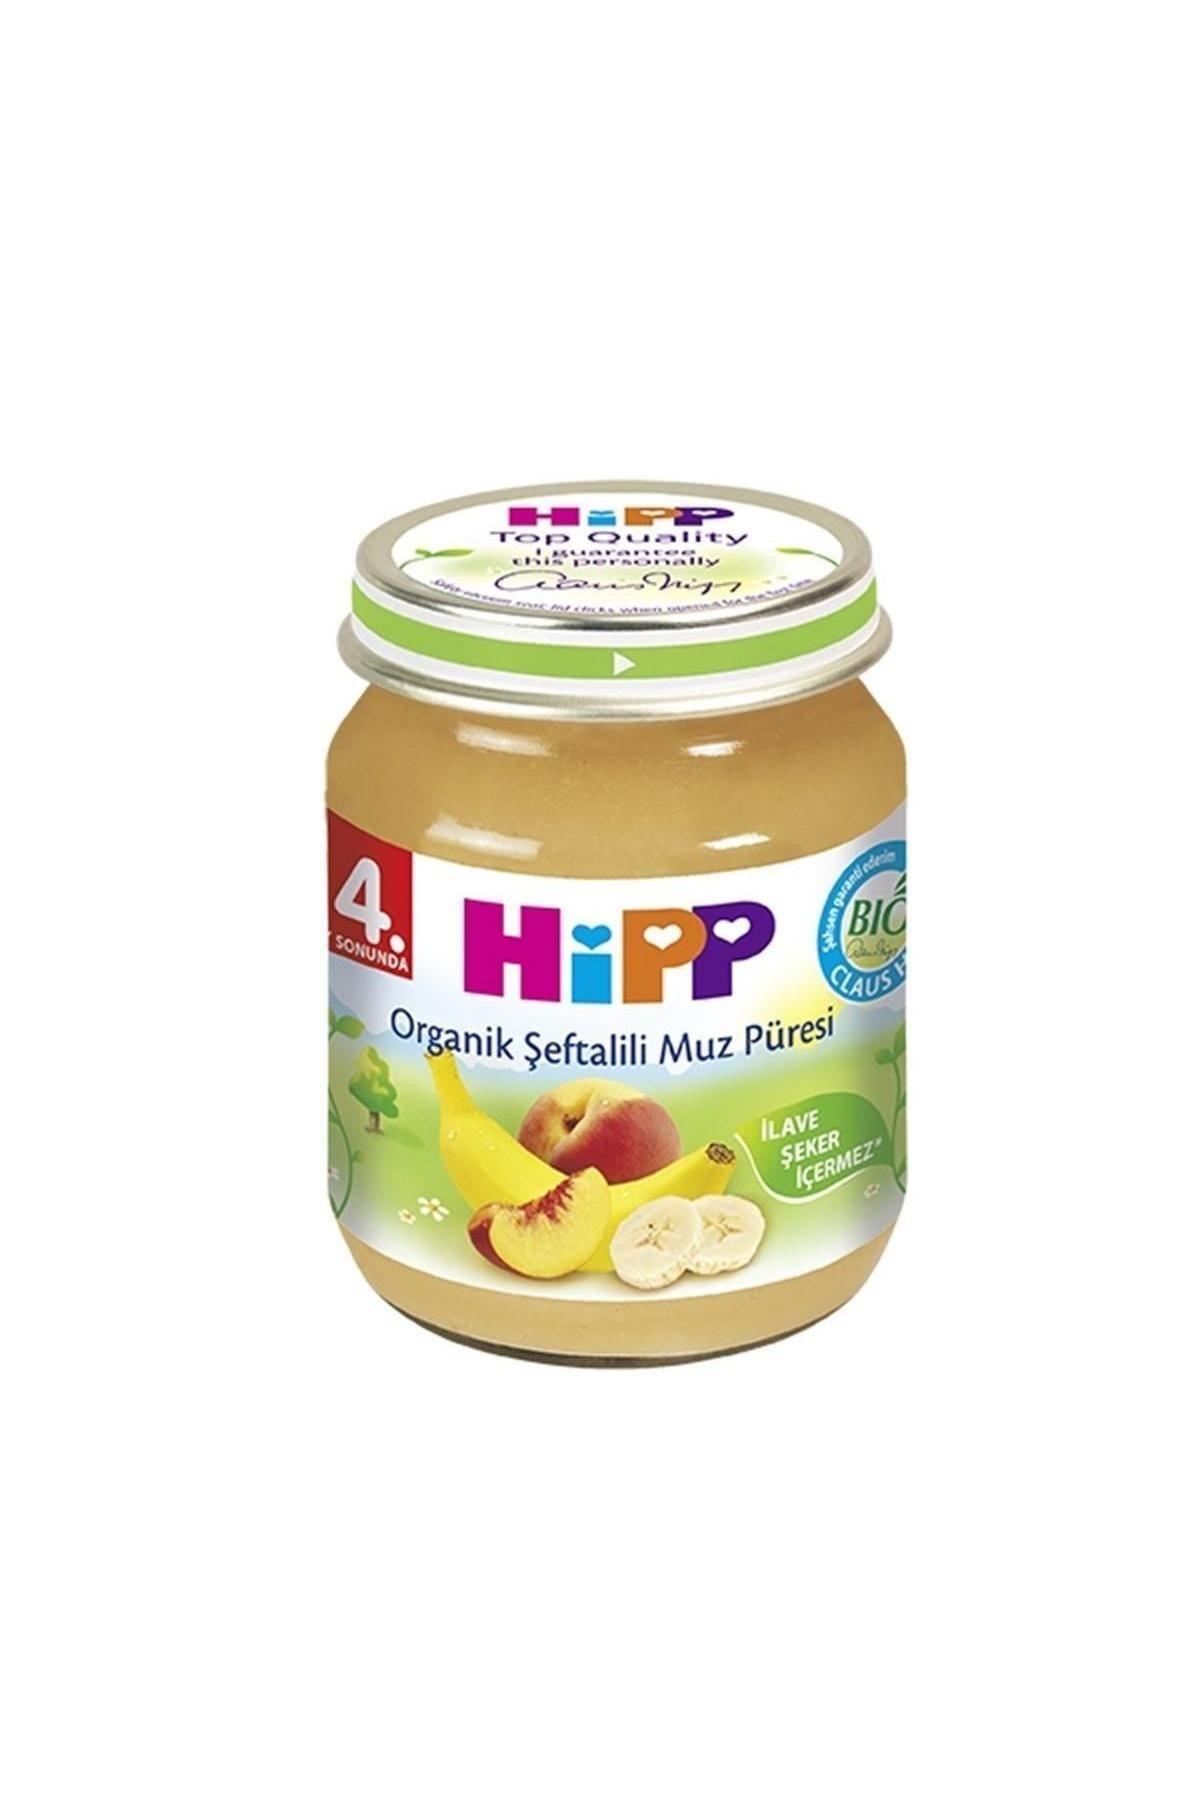 Hipp Organik Şeftalili Muz Püresi 125 gr 0